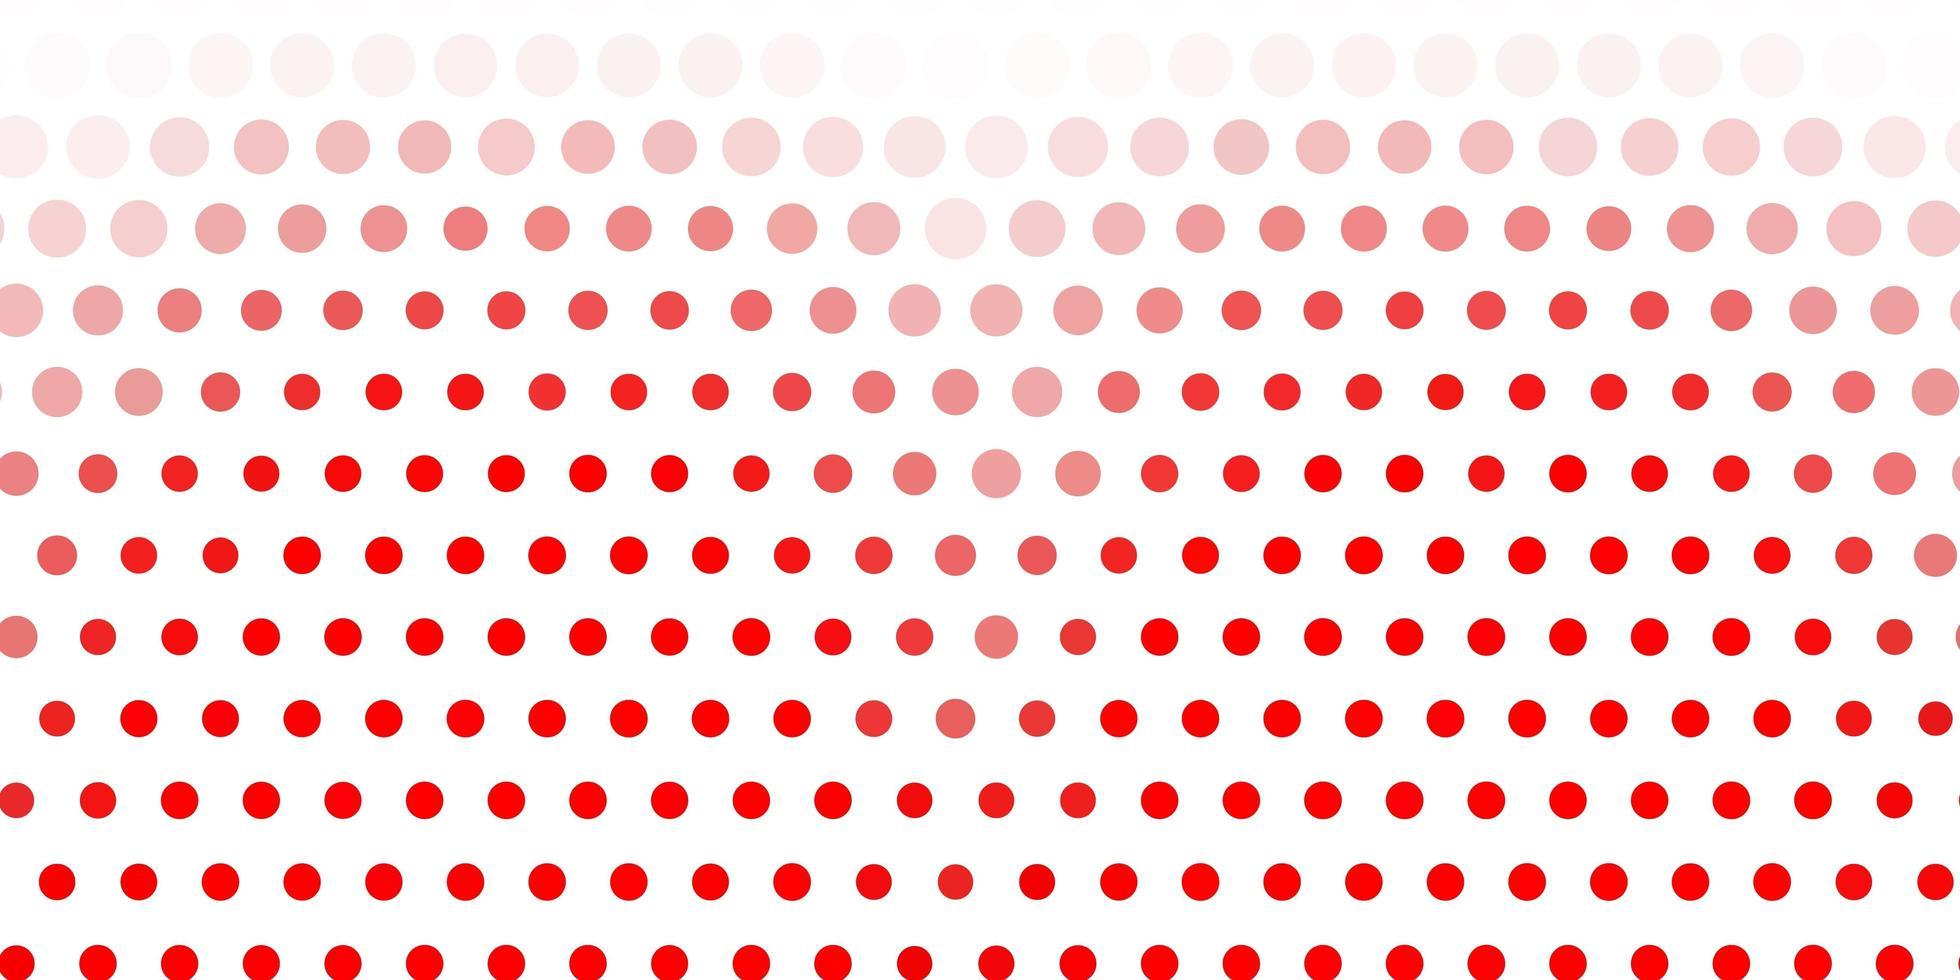 fundo vermelho claro com bolhas. vetor